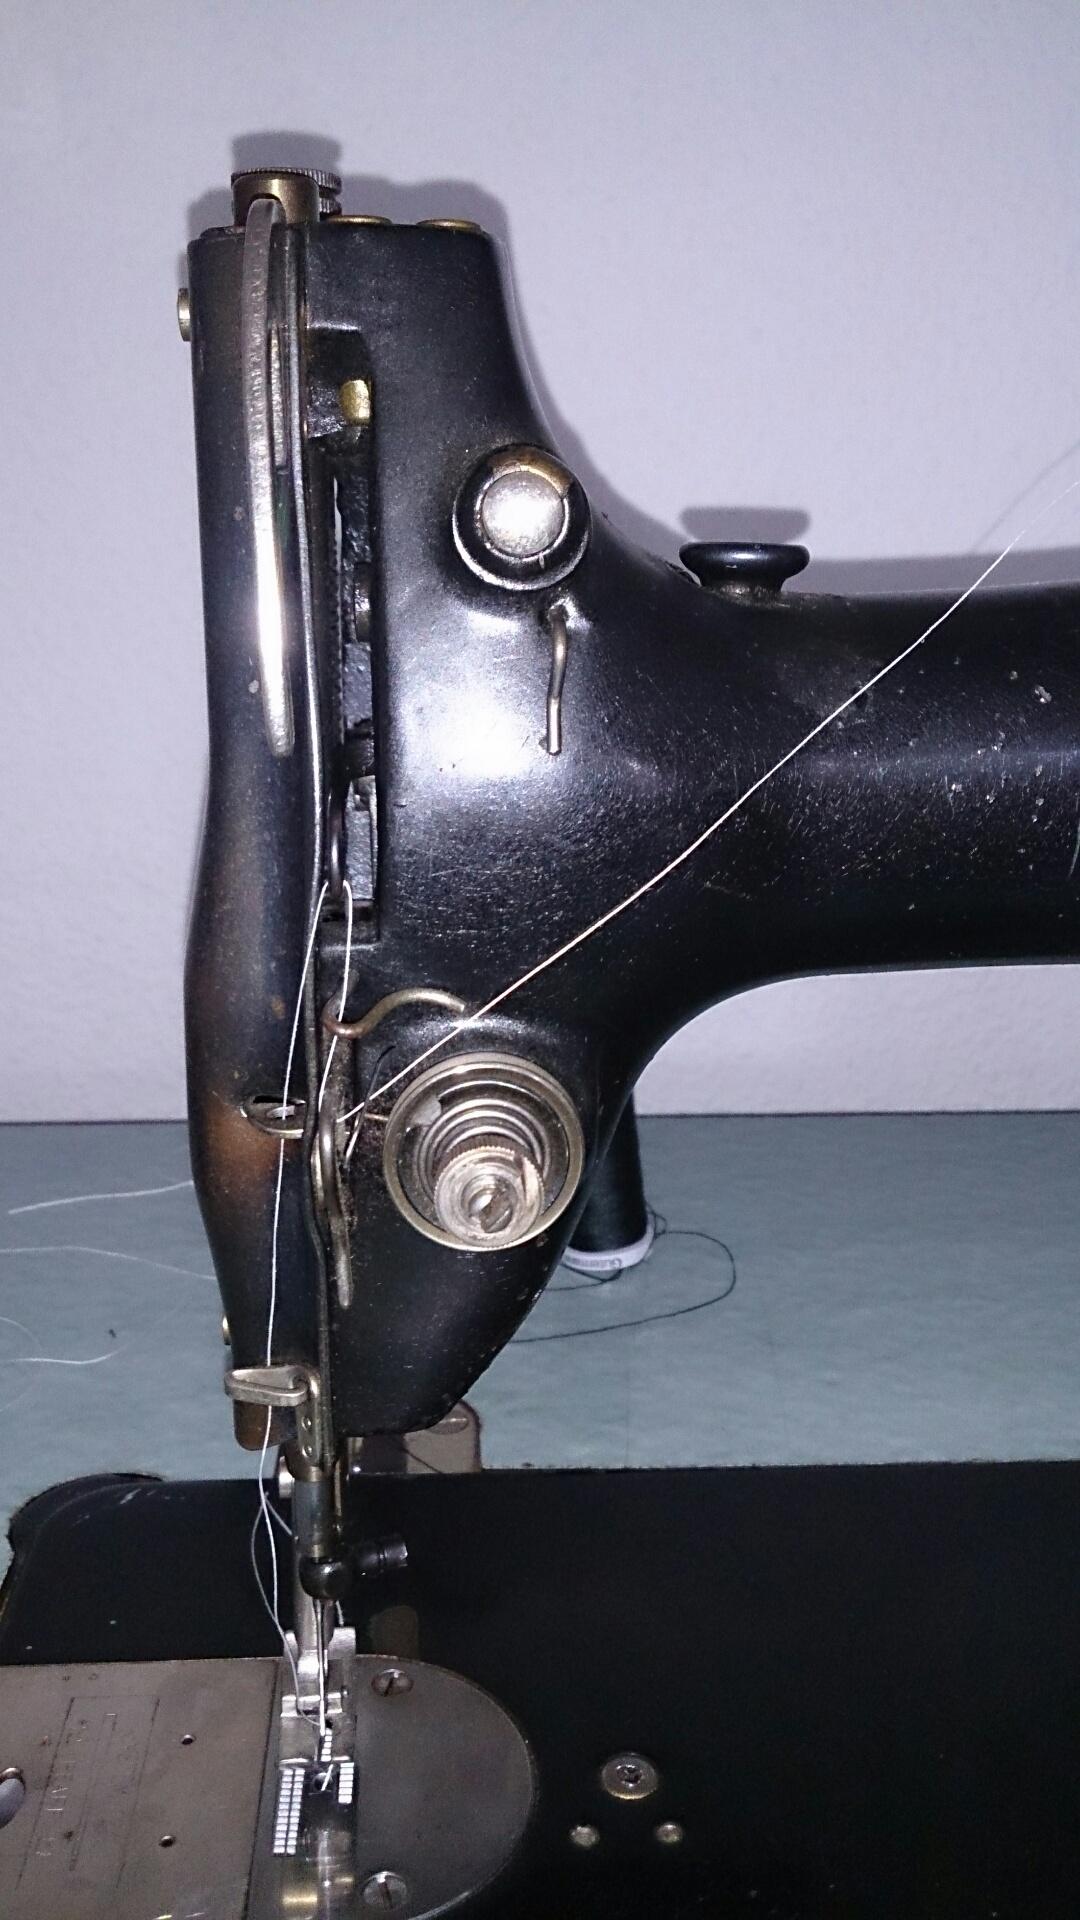 alte pfaff 1340 6 näht nicht richtig hilfe ( (handwerk  ~ Nähmaschine Näht Nicht Richtig